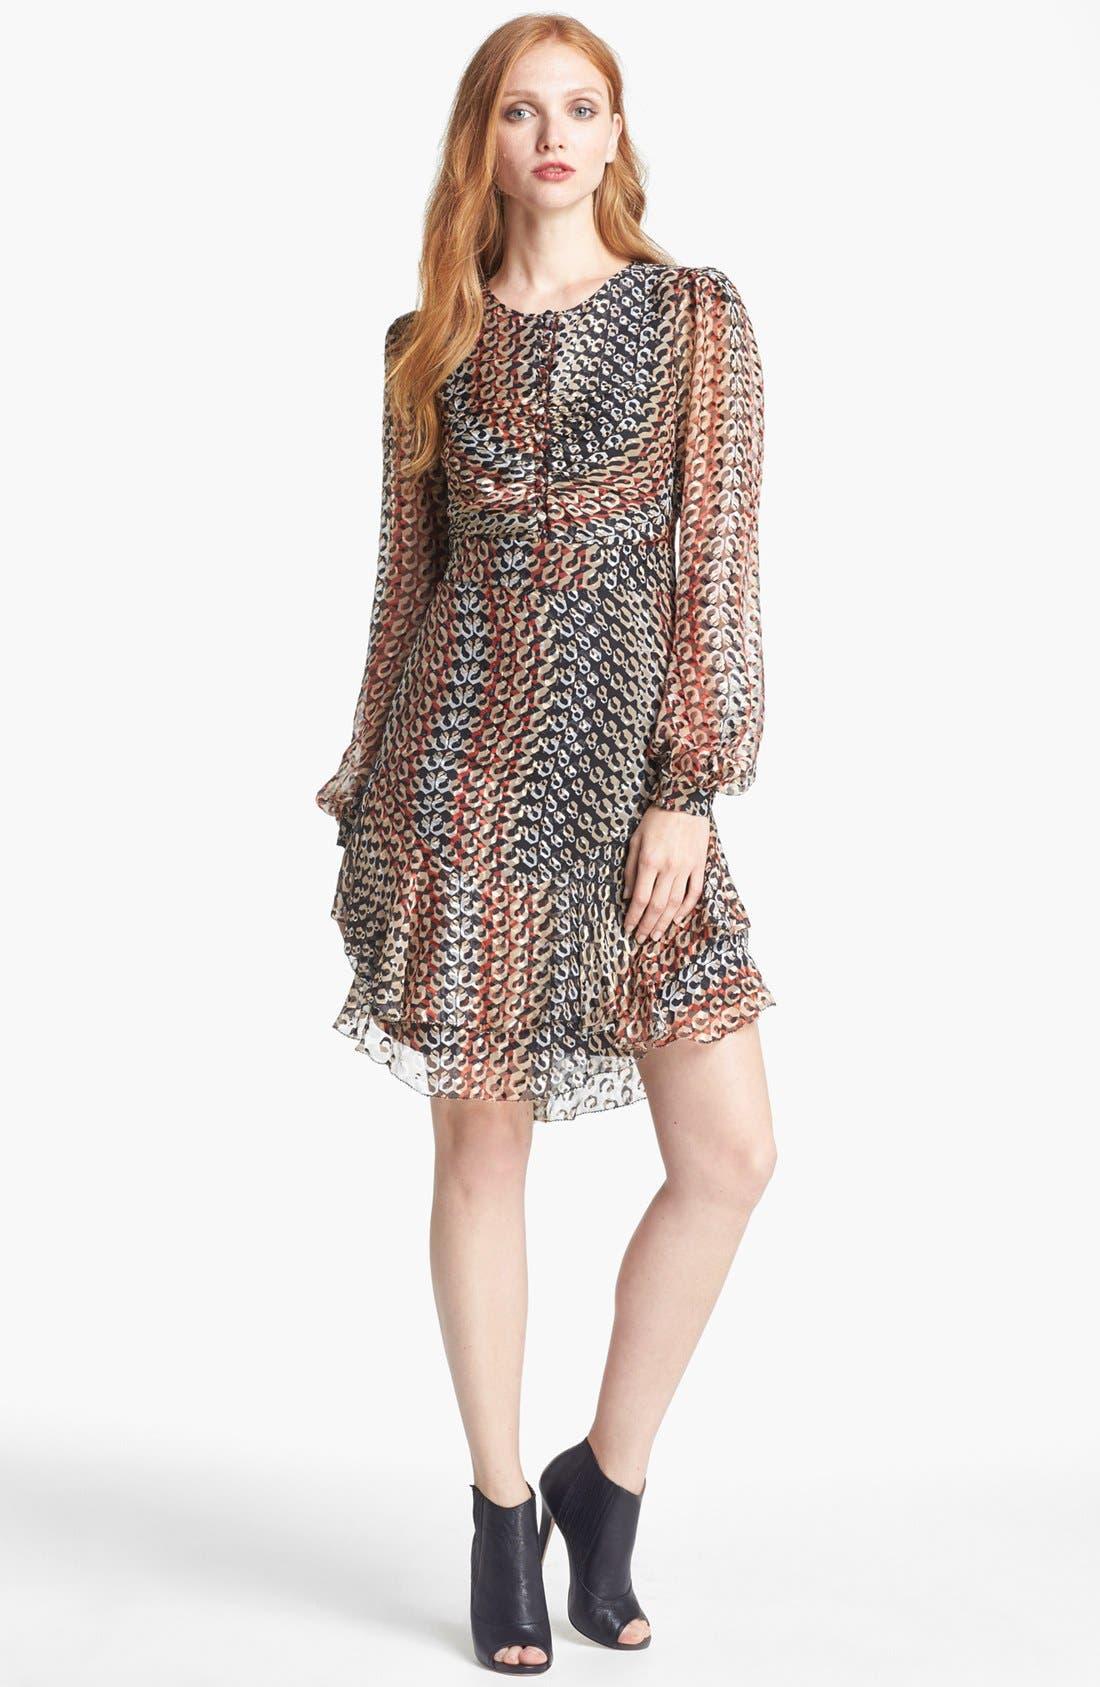 Alternate Image 1 Selected - Diane von Furstenberg 'Kali' Silk Blend A-Line Dress